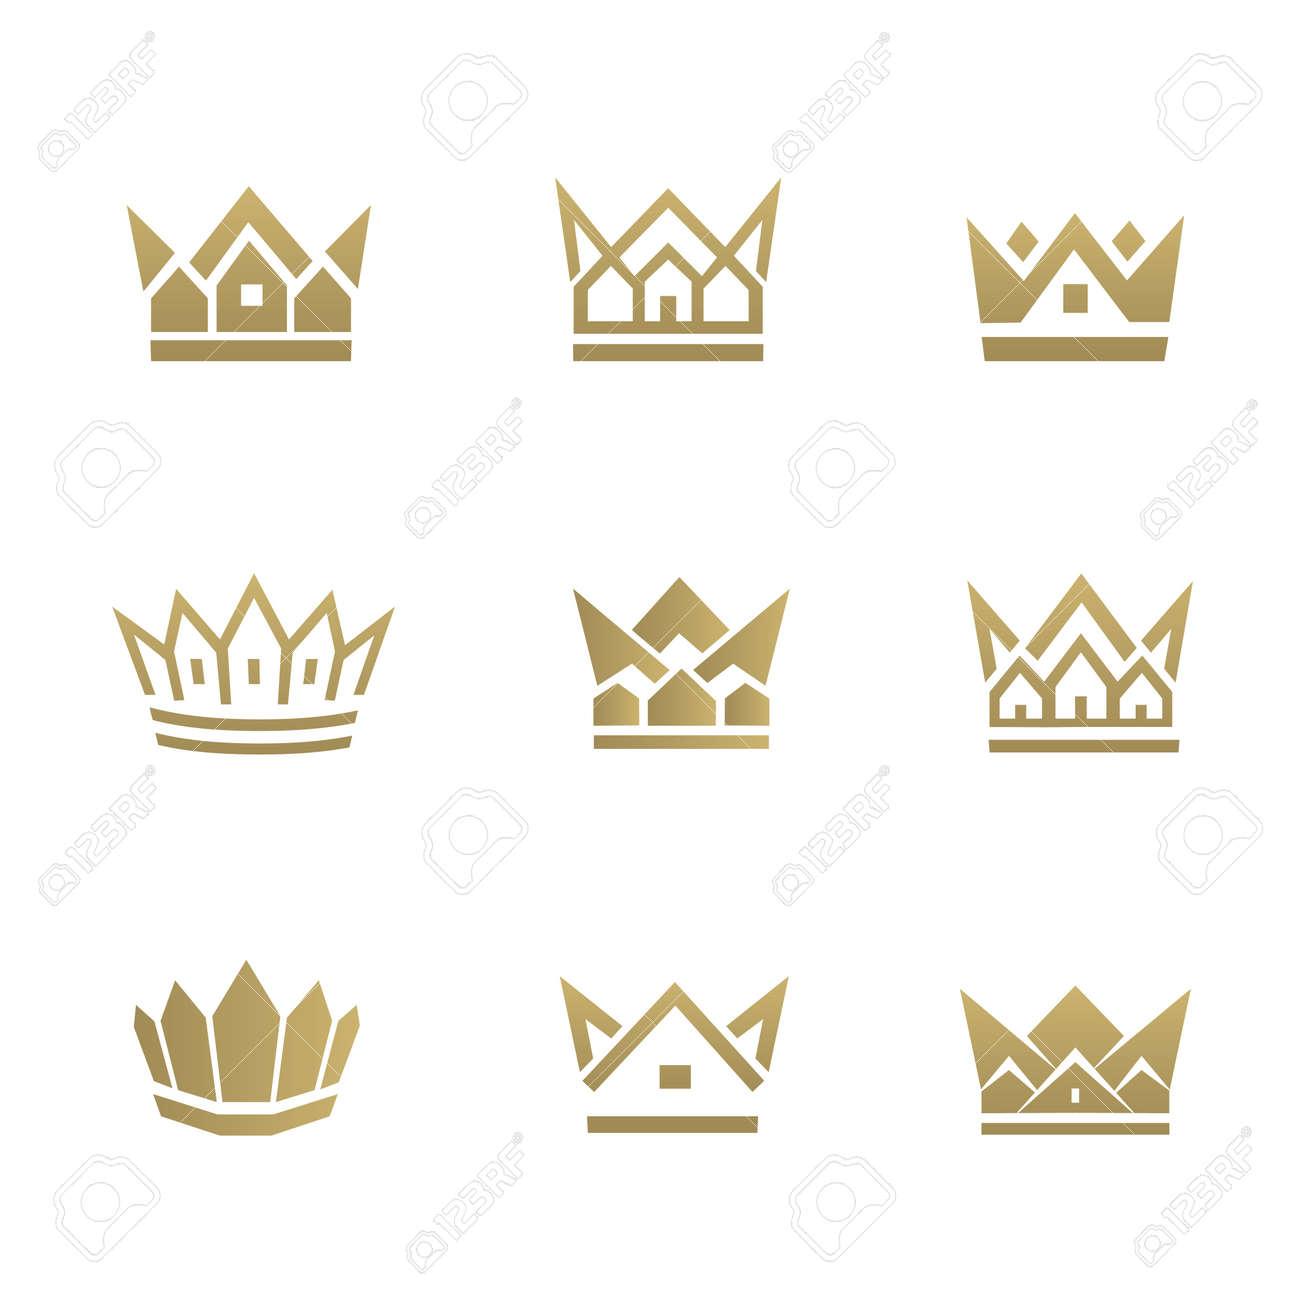 Goldene Hauslinie Symbol. Kann Für Grundstück, Wohnung, Wohneigentum ...